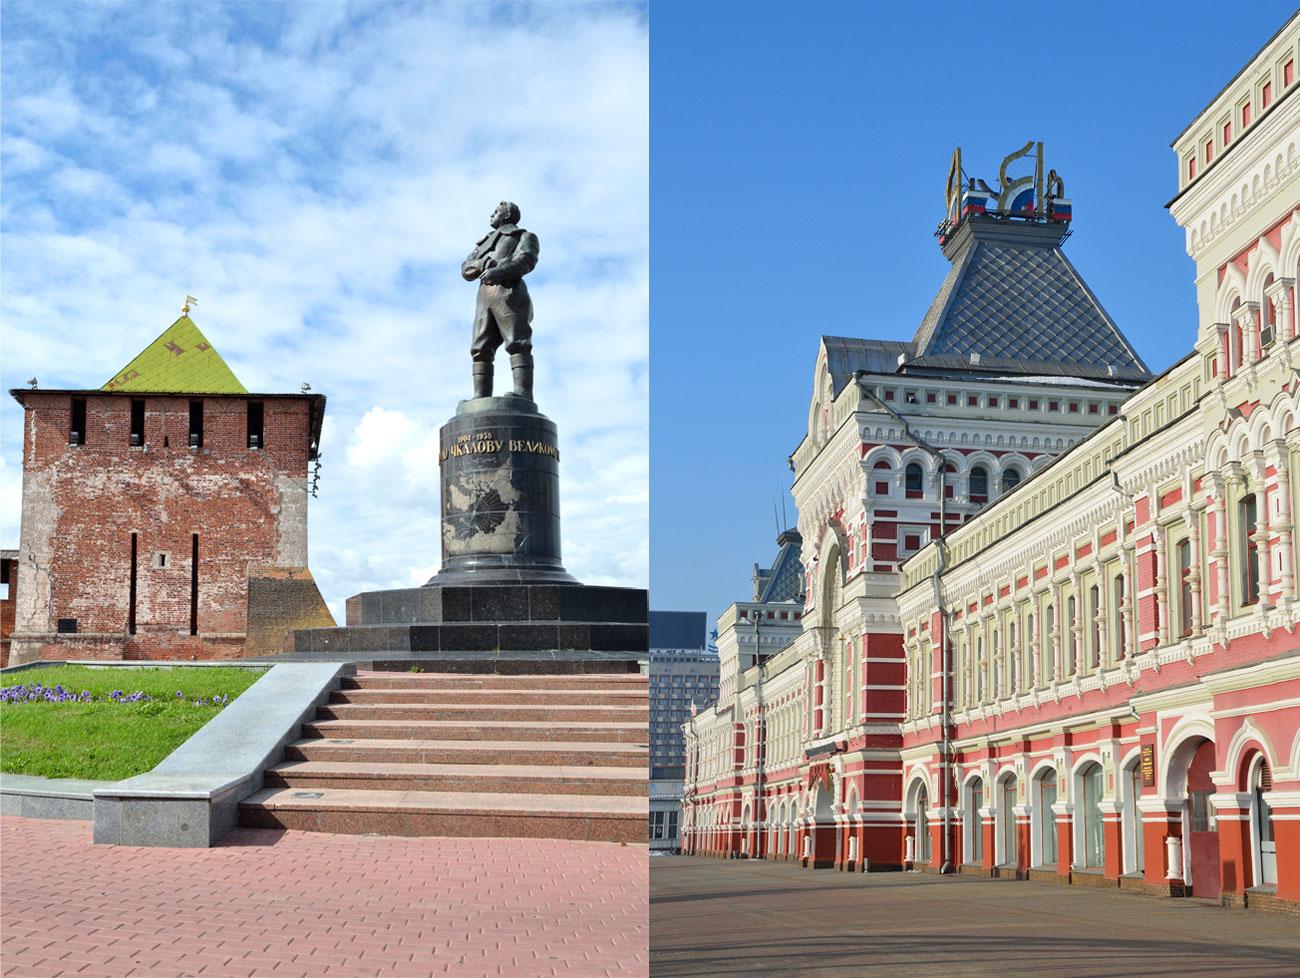 Нижни Новгород, още един град на р. Волга, е известен с паметника на пилота-пионер Валерий Чкалов и очарователната барокова сграда на местния панаир.